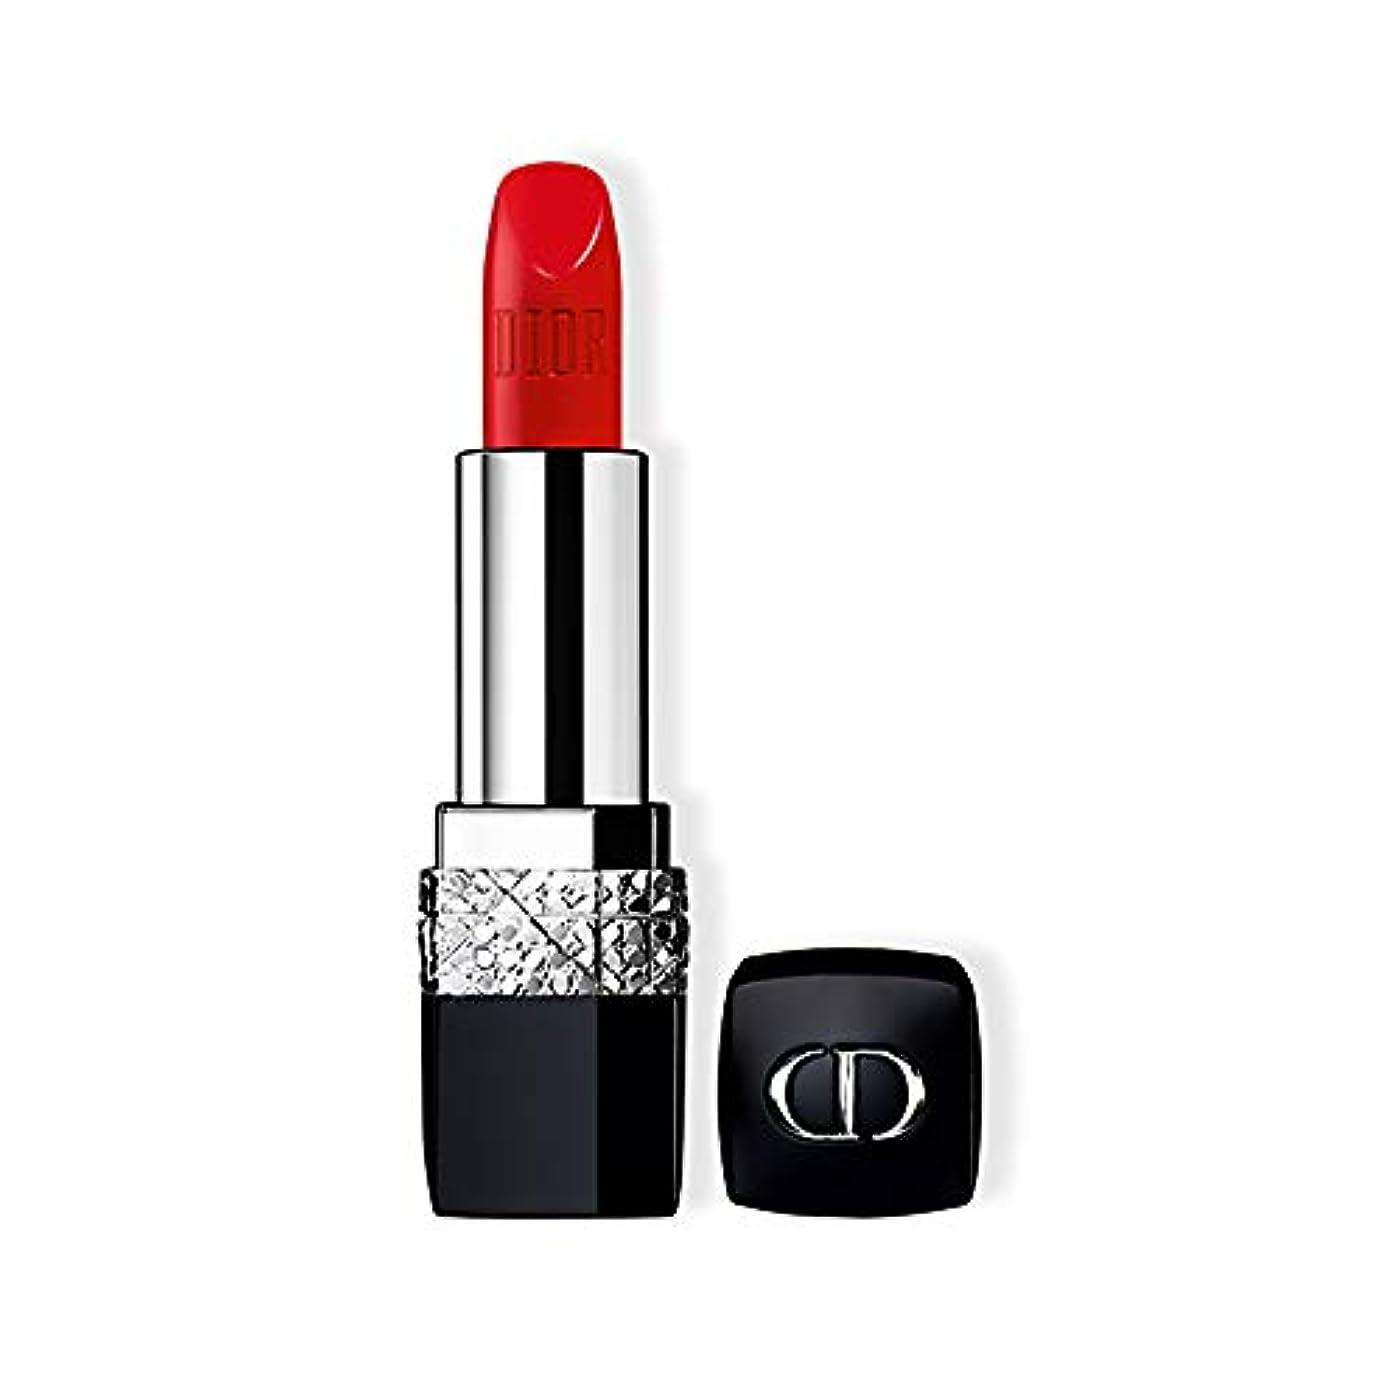 ラグ所有権一節クリスチャン?ディオール/Dior ルージュ ディオール HAPPY 2020#080 RED SMILE (限定) [ 口紅 ] [並行輸入品]